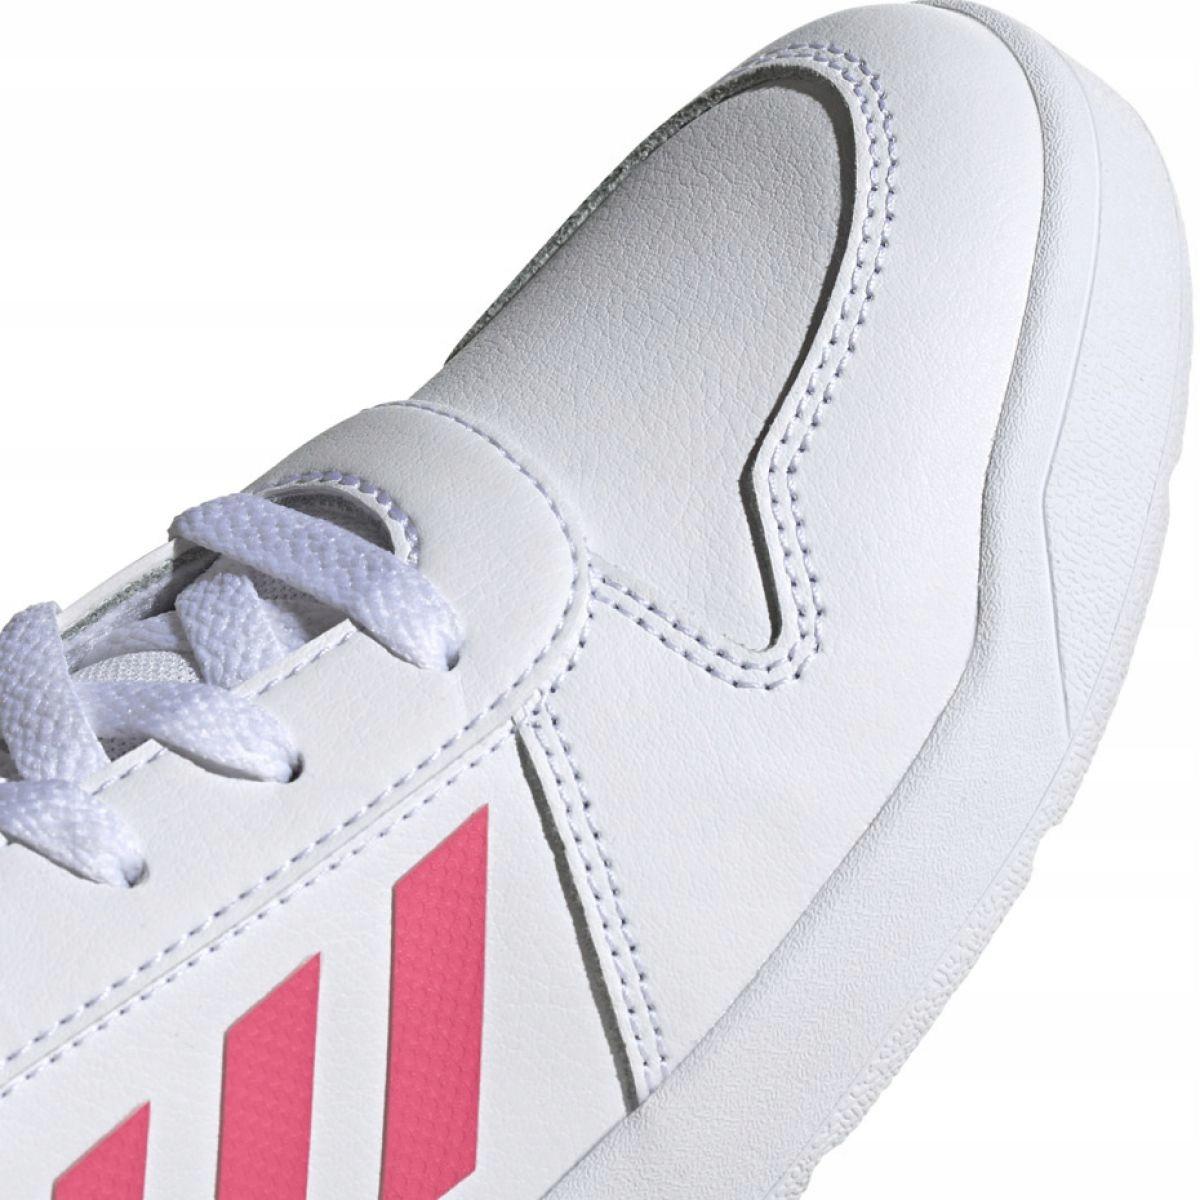 Buty adidas Tensaur K EF1088 FtwwhtReapnkFtwwht